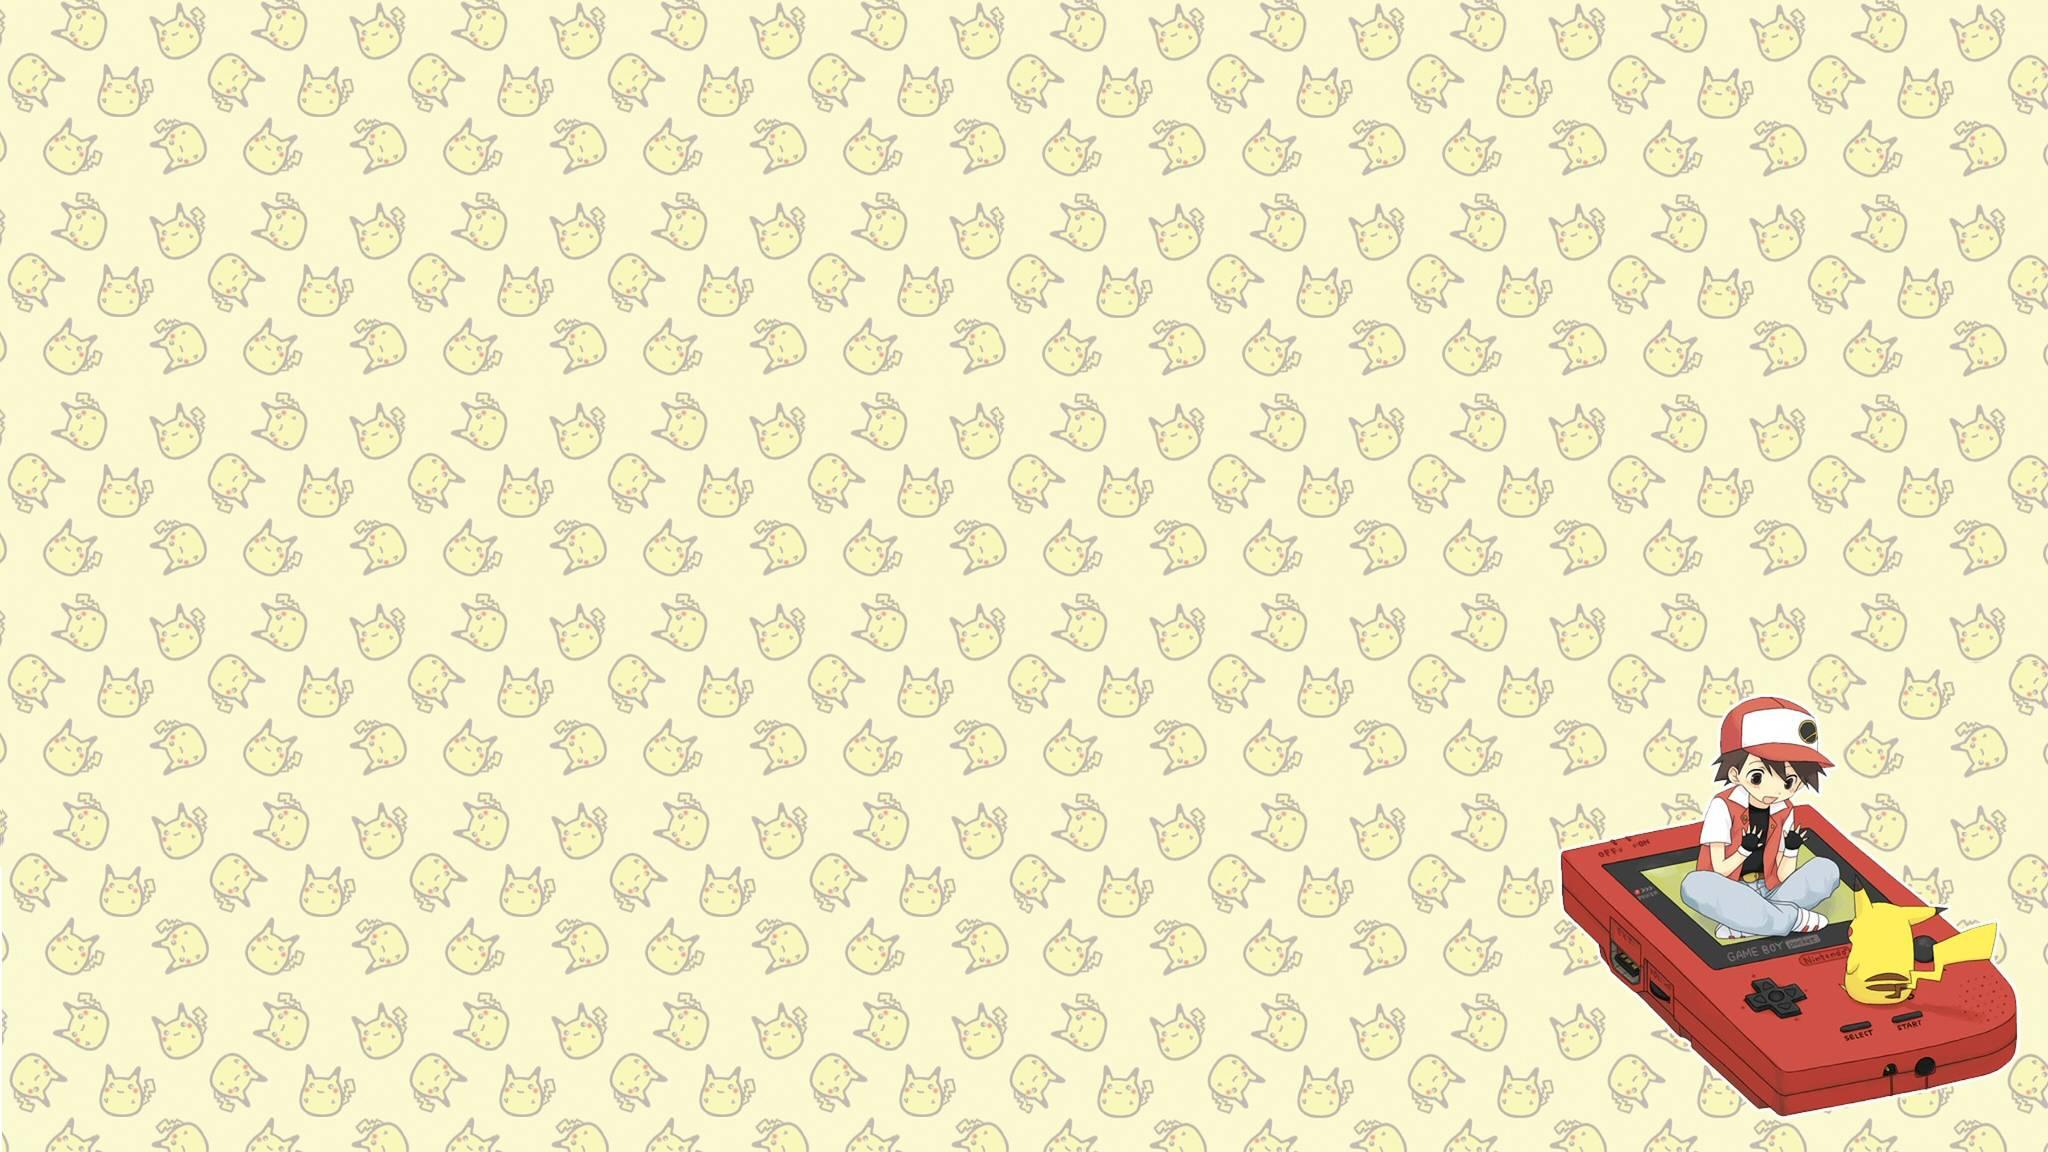 Pokemon Gameboy Wallpaper Wallpapersafari